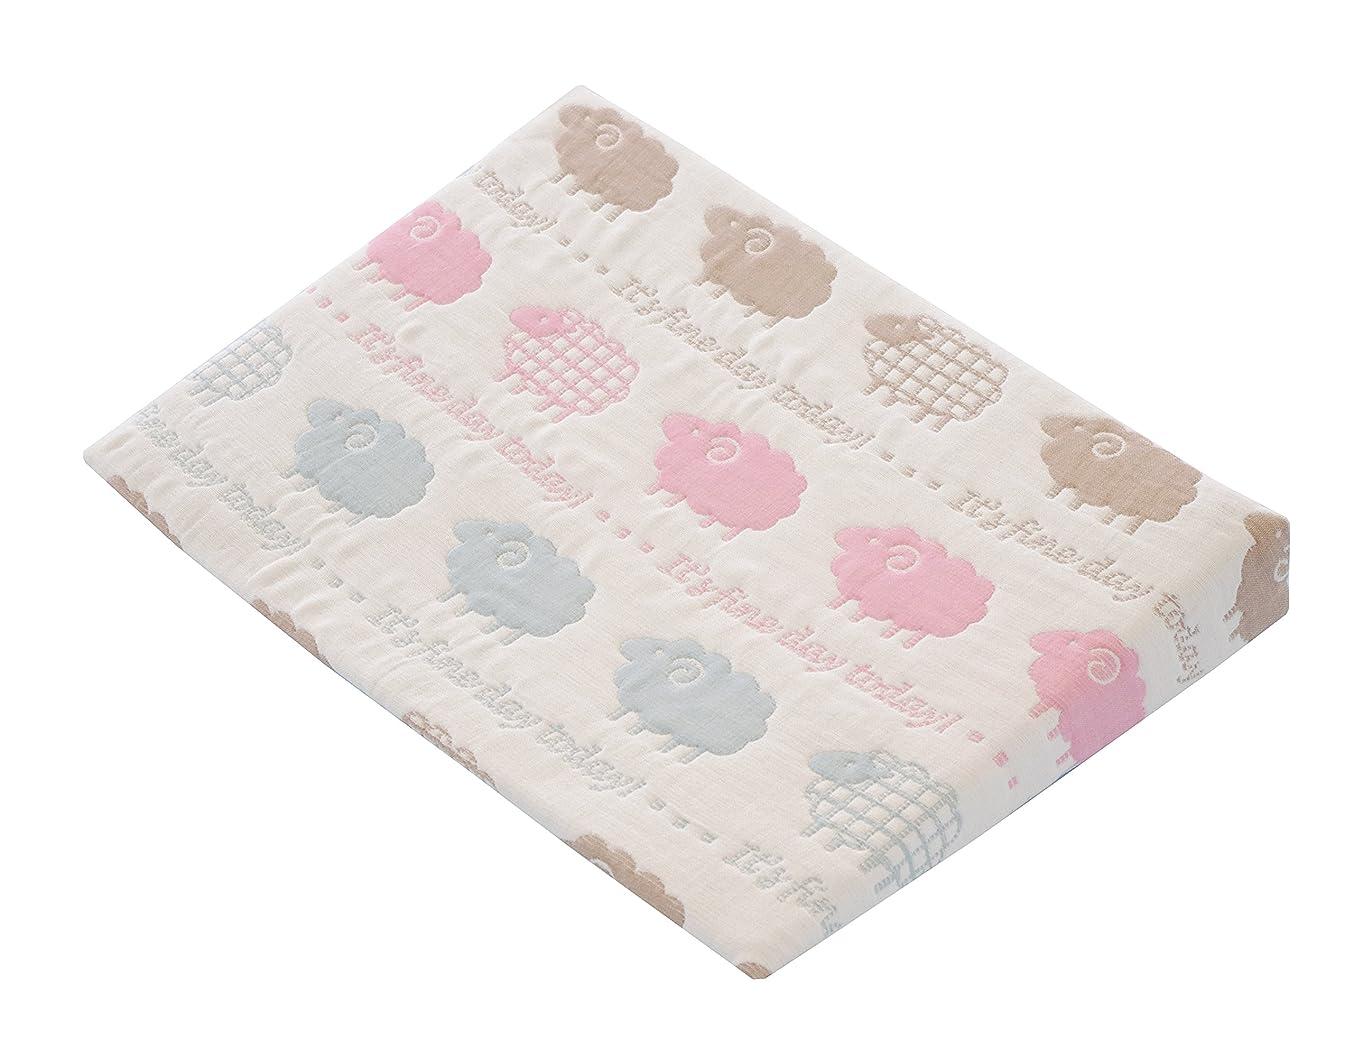 特許精算勝者ベビー枕 絶壁防止 低反発形状記憶 矯正 頭の形 枕 赤ちゃん 矯正 新生児 頭の形を良くする枕 洗える 通気性良好 ベビー まくら